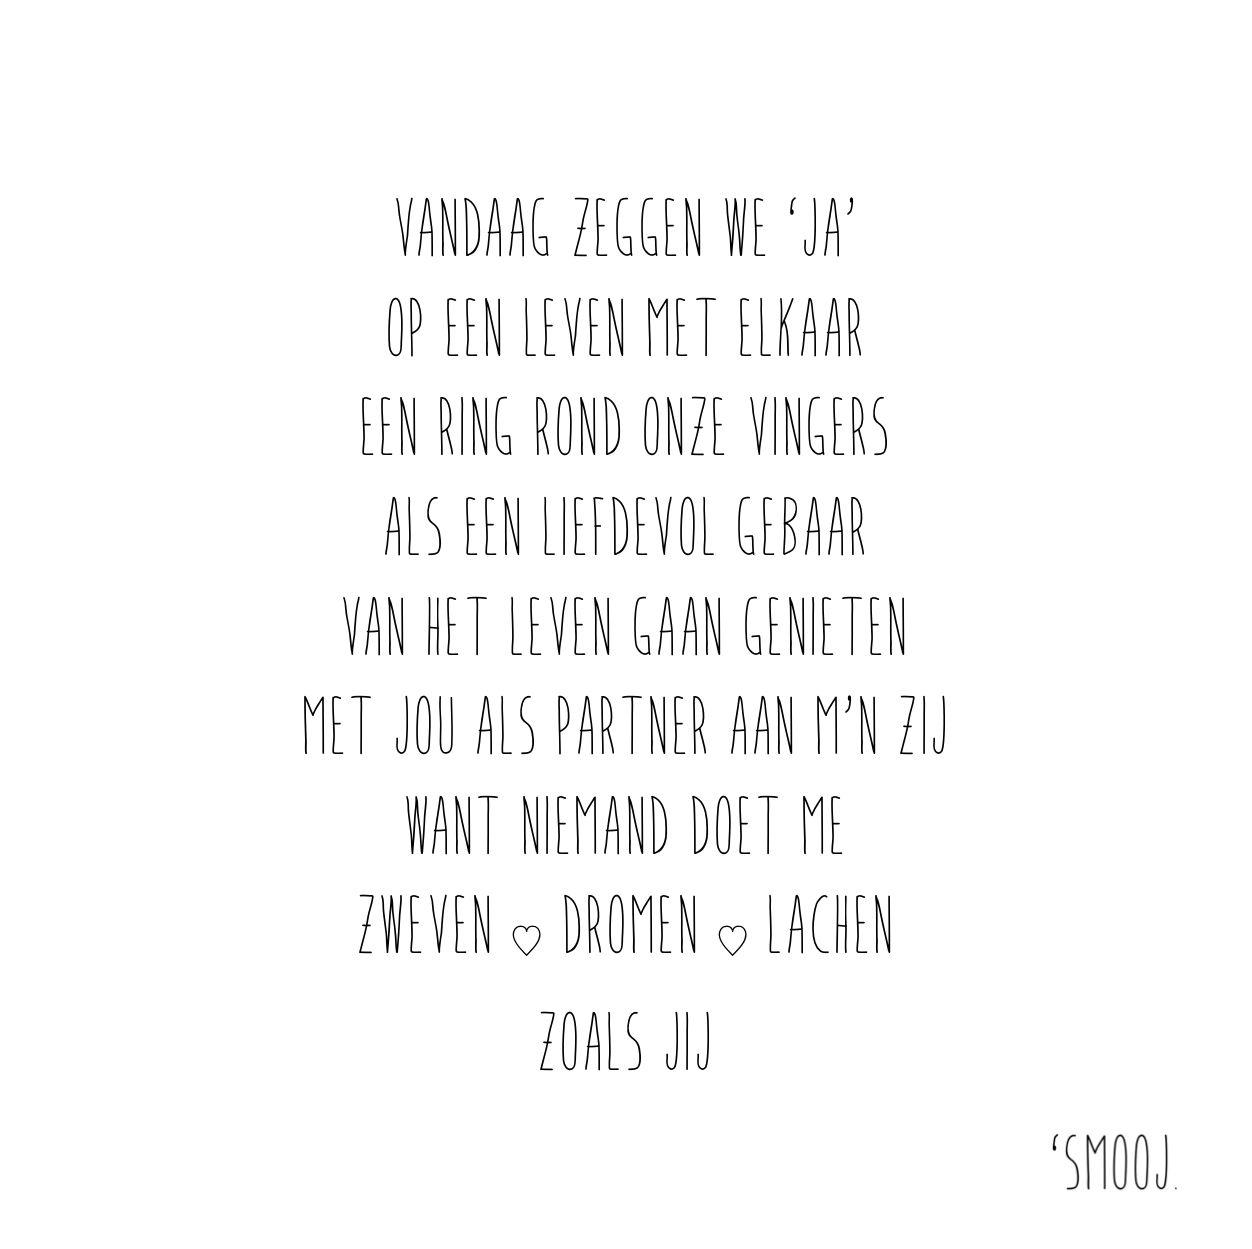 Ongebruikt SMOOJ | gedicht | quote | huwelijk | trouwen | ceremonie | trouw EU-57